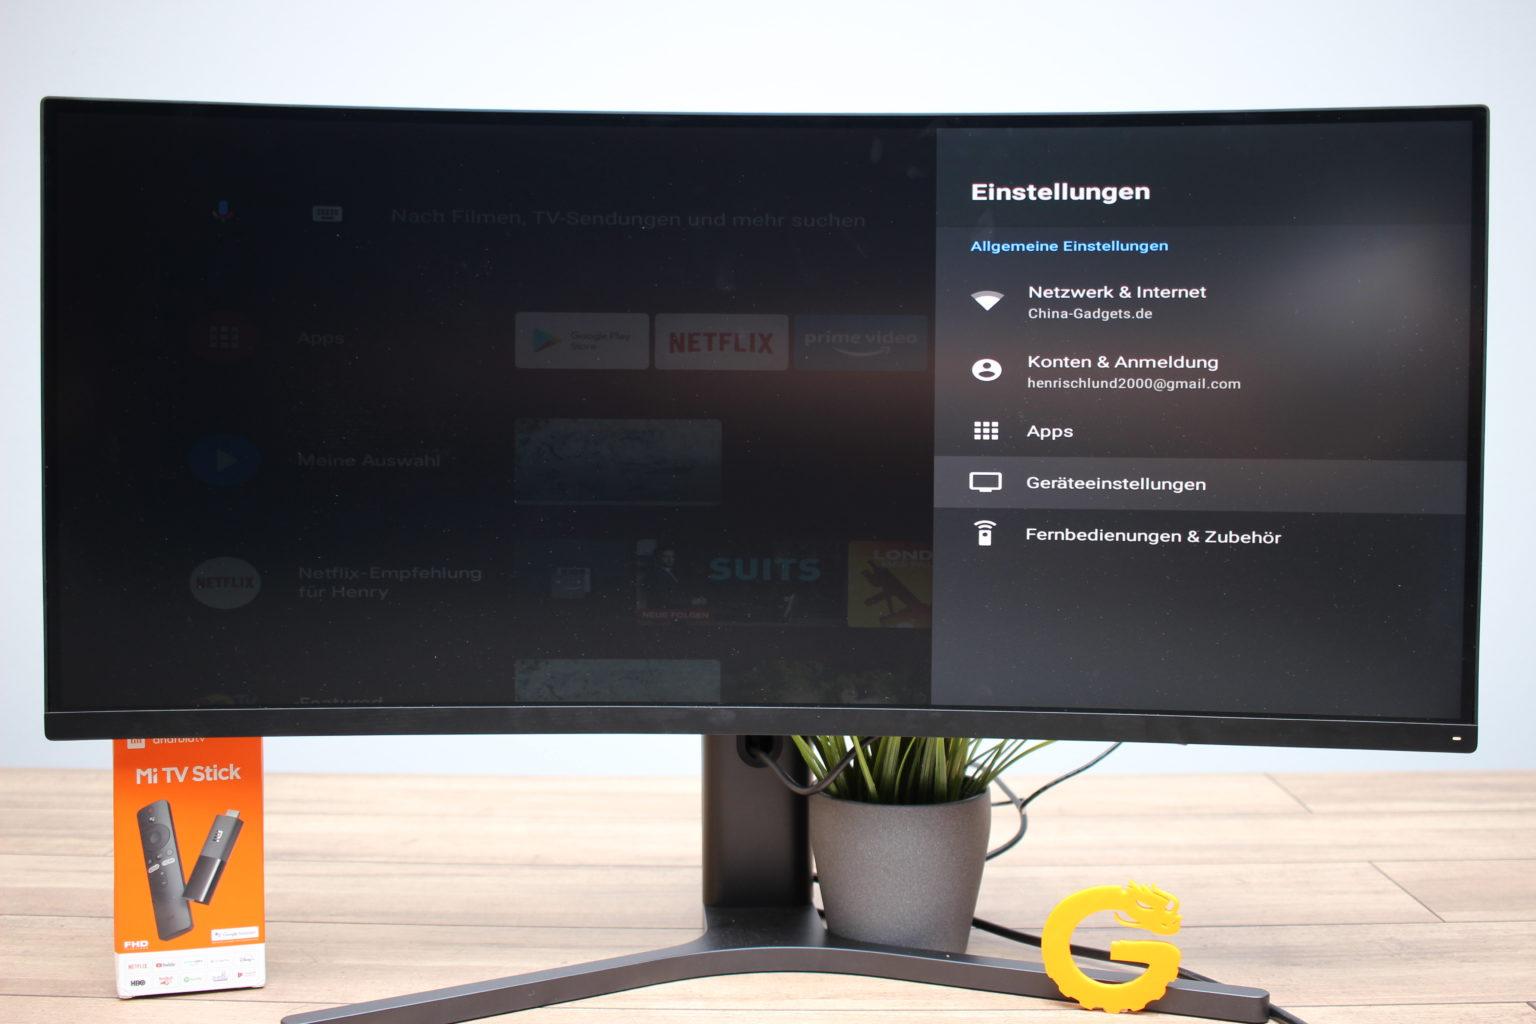 Ajustes de configuración del Xiaomi Mi TV Stick